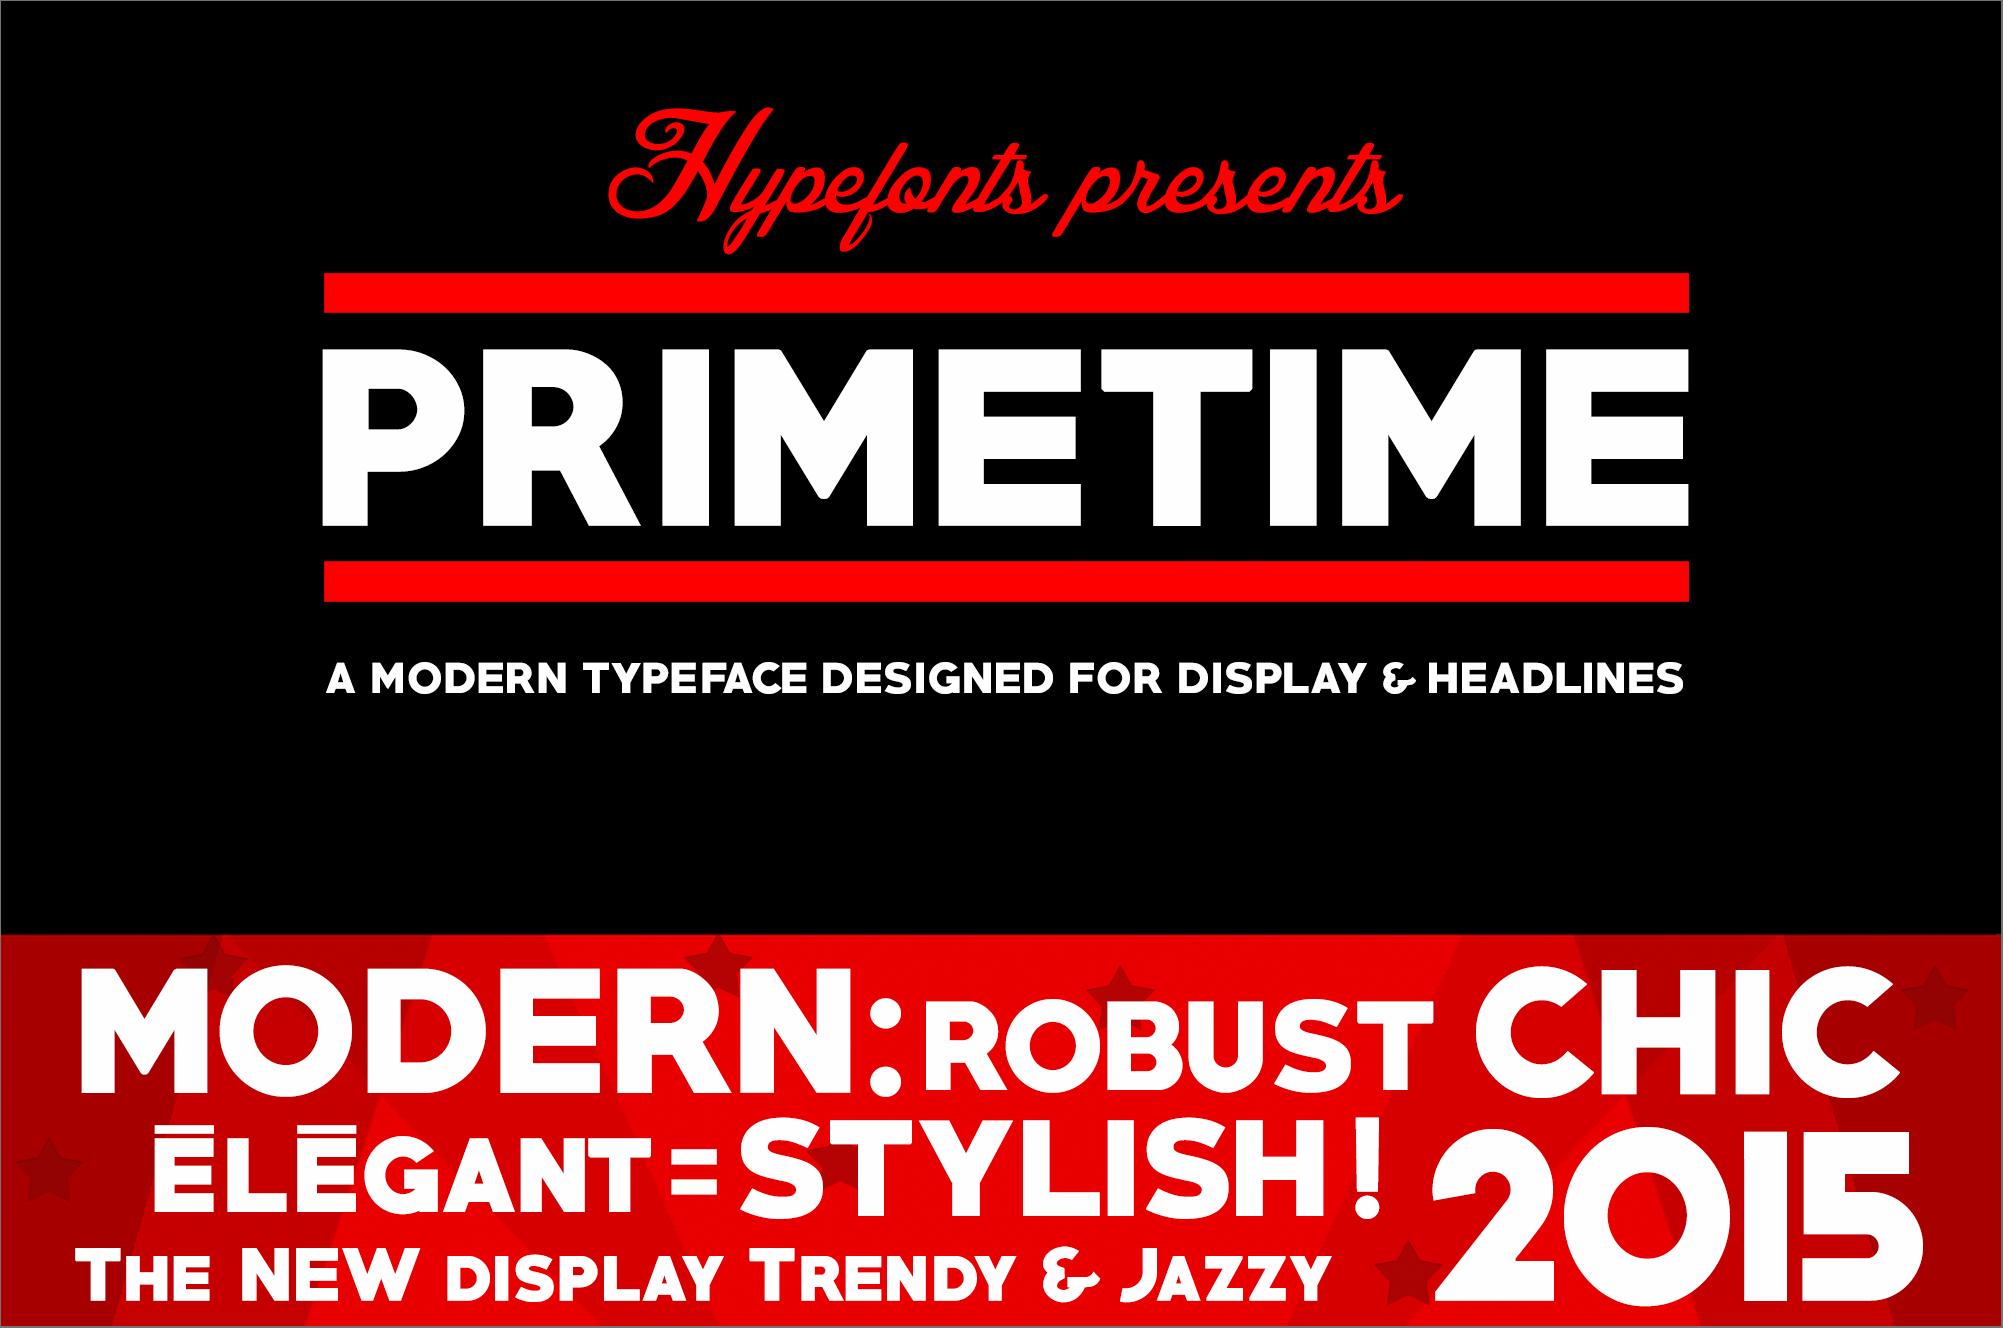 primetime-01